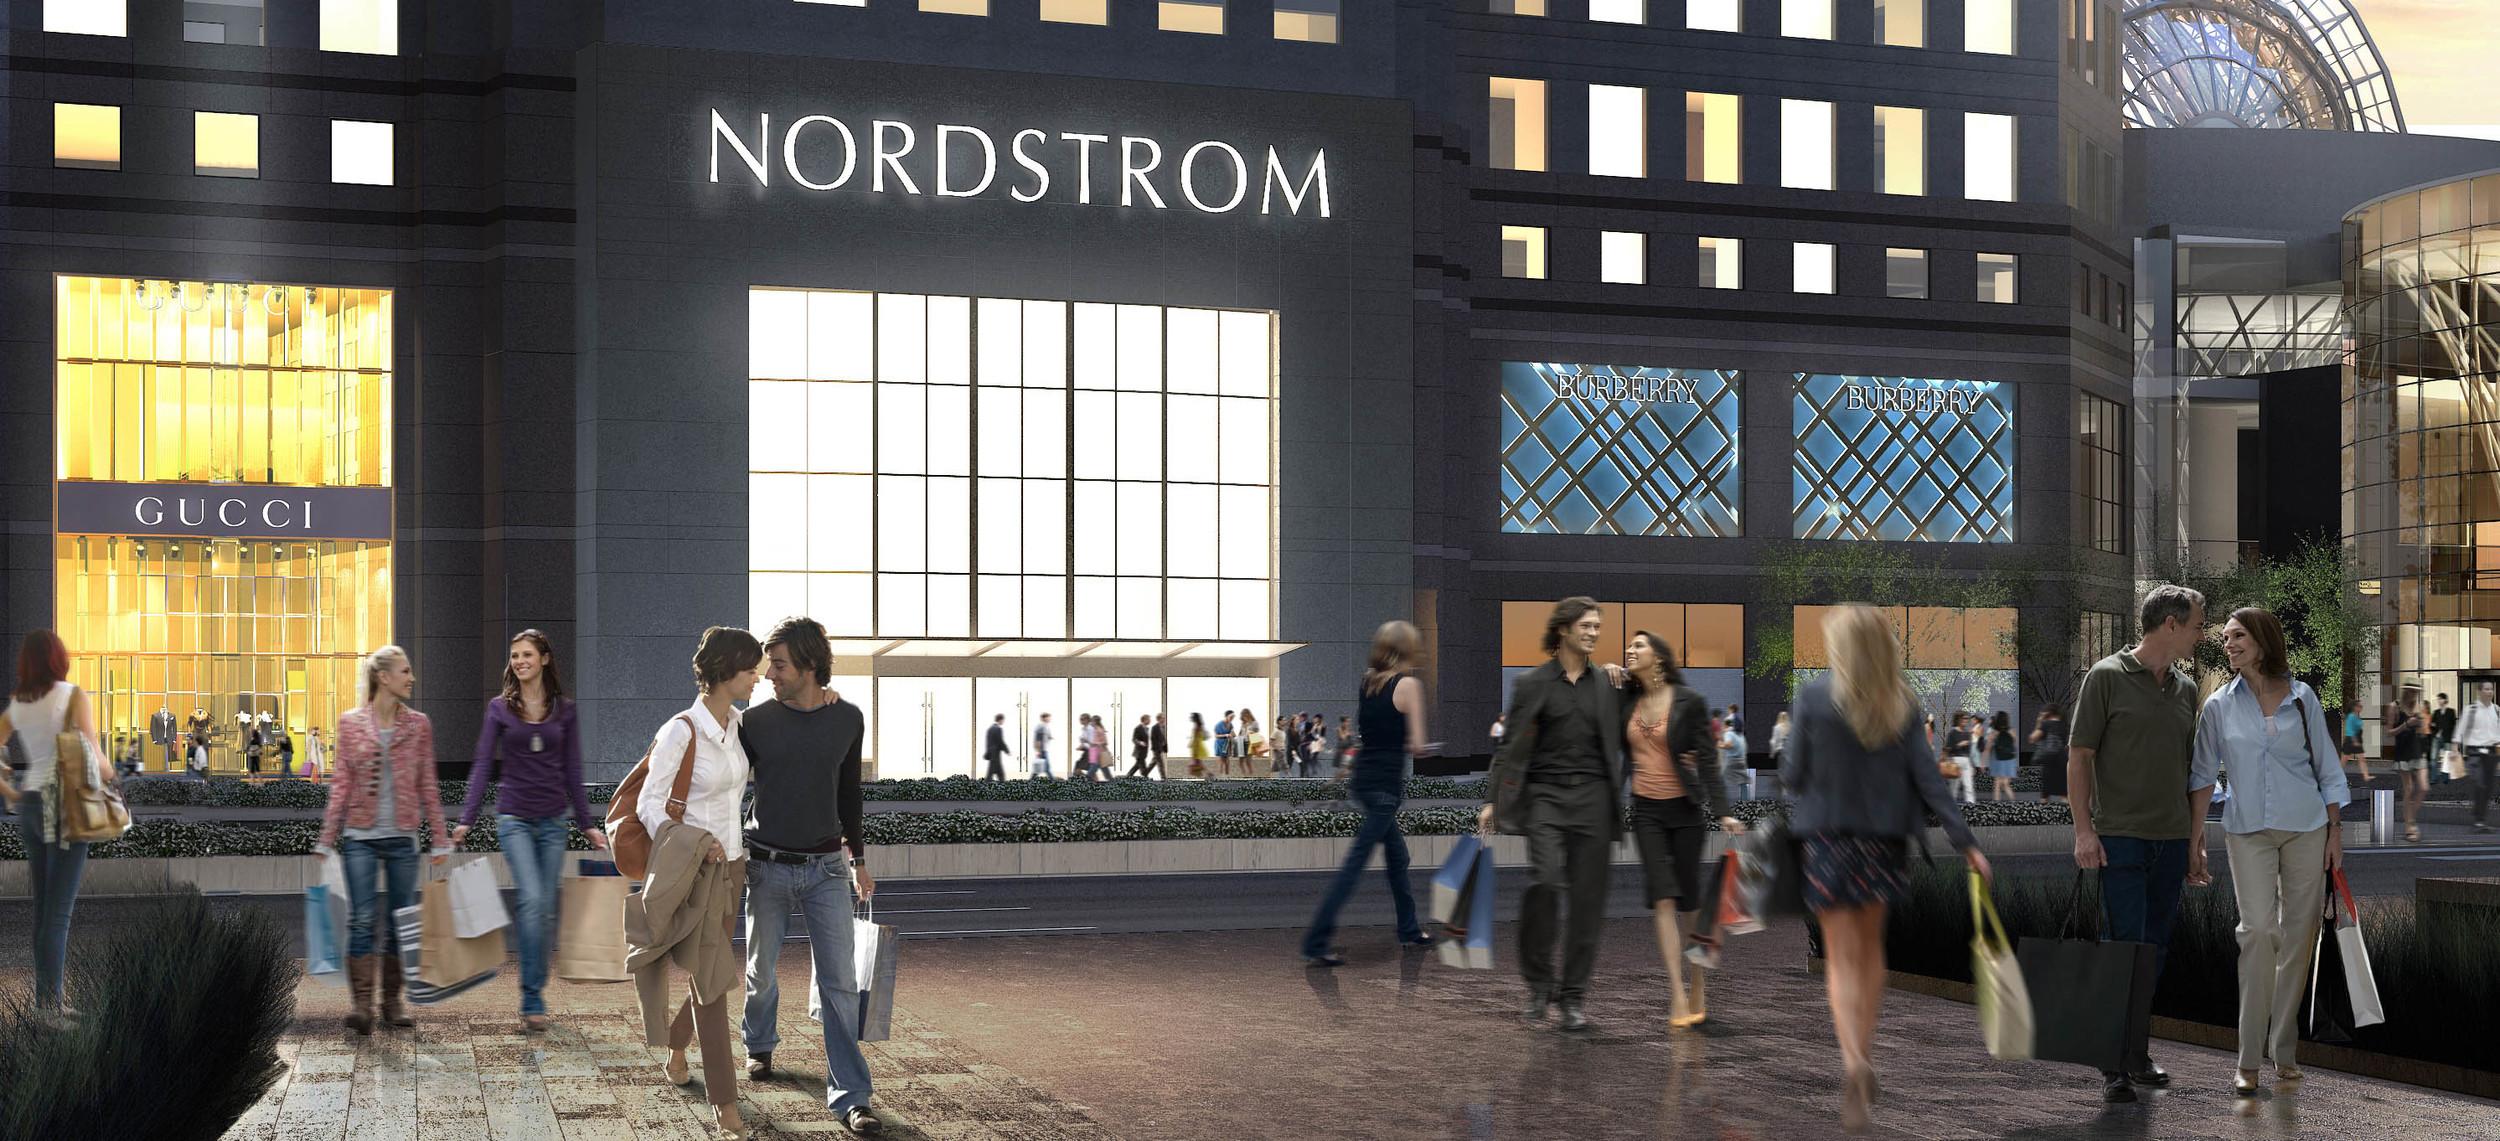 S350_ViewAcrossWSH_Nordstrom_2012-11-05.jpg